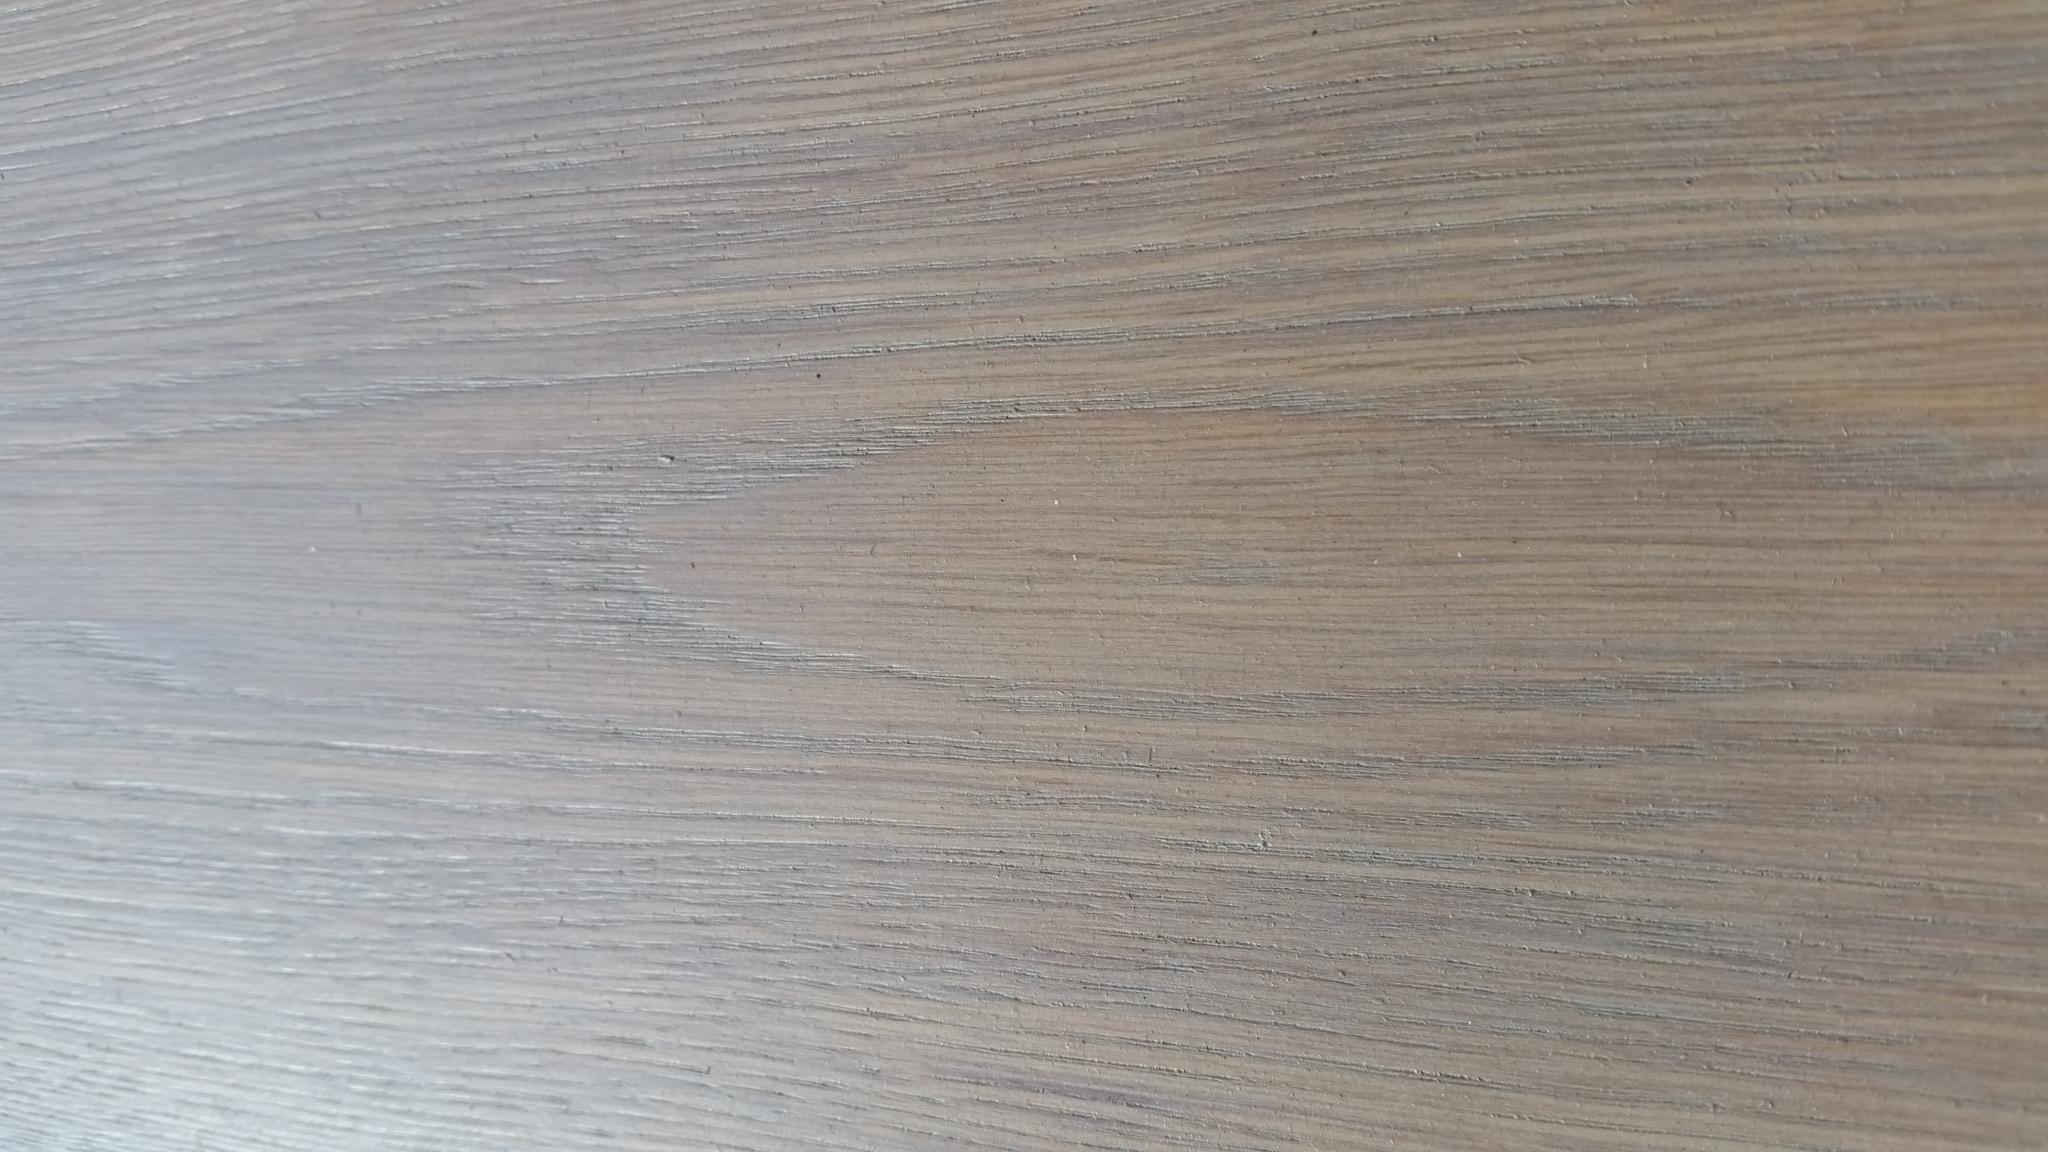 Saicos õlitoonid | 3417 Hõbehallsile Silver greysmooth